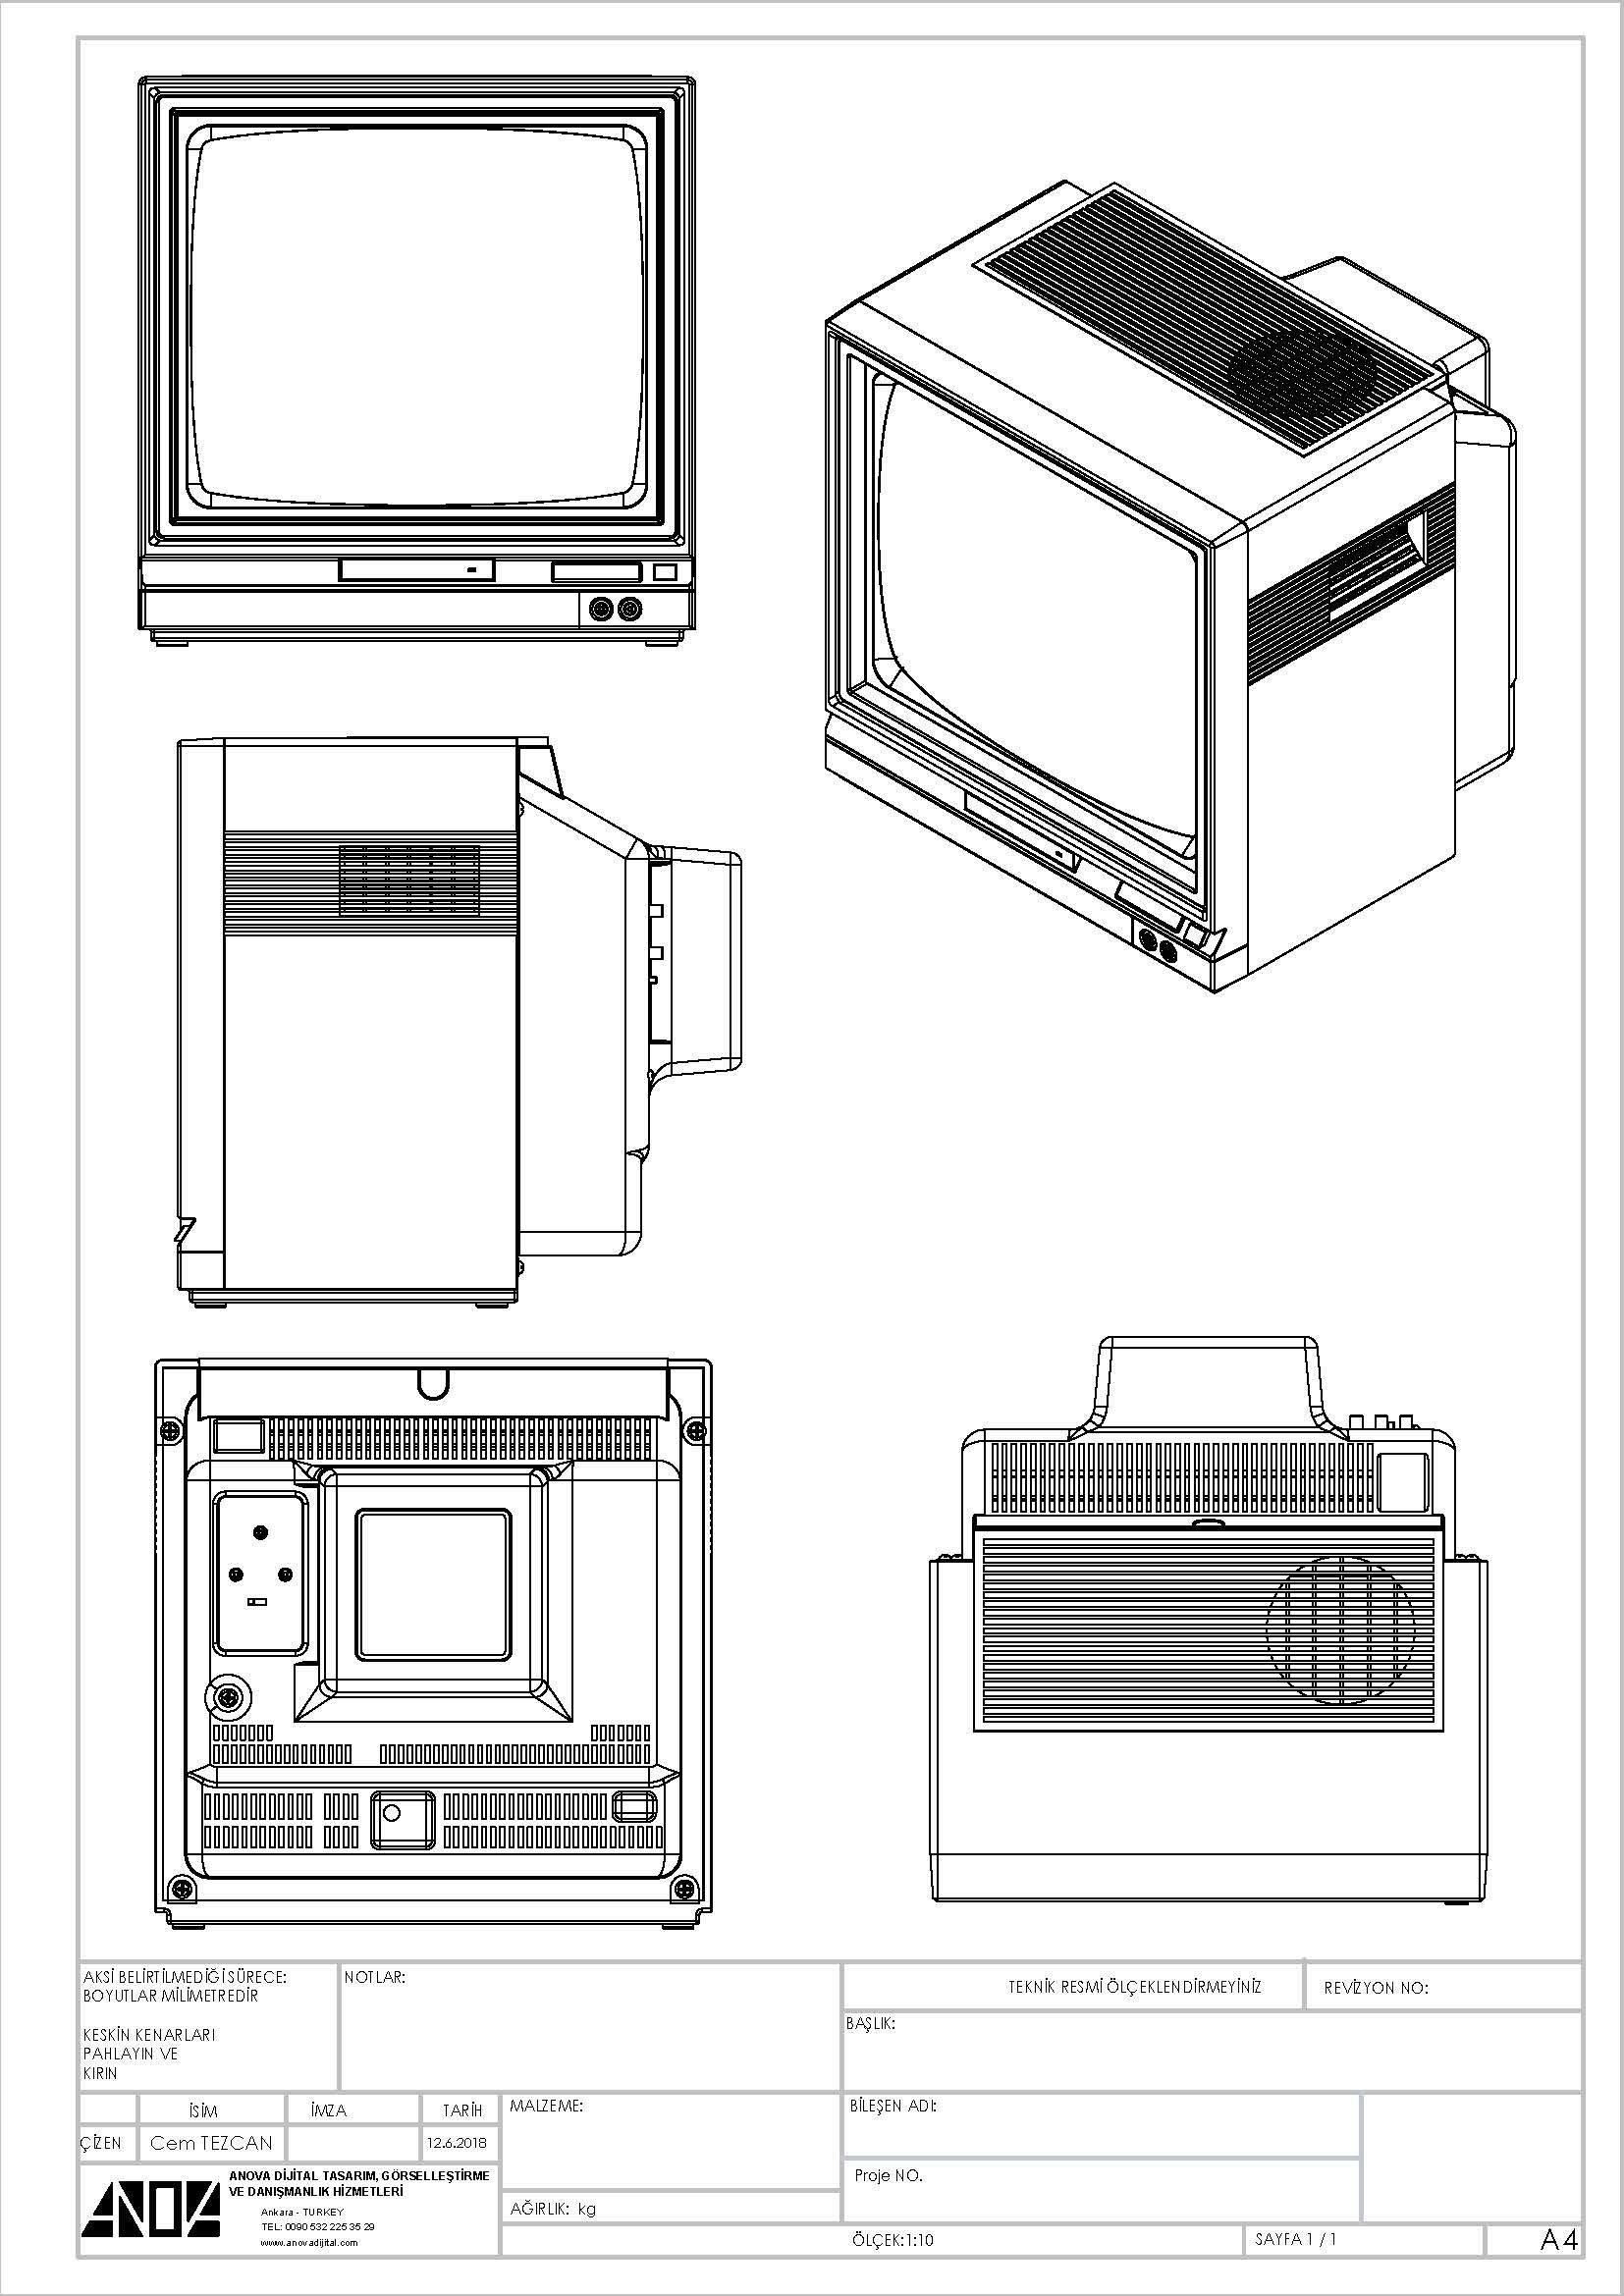 Cem tezcan monitor03a